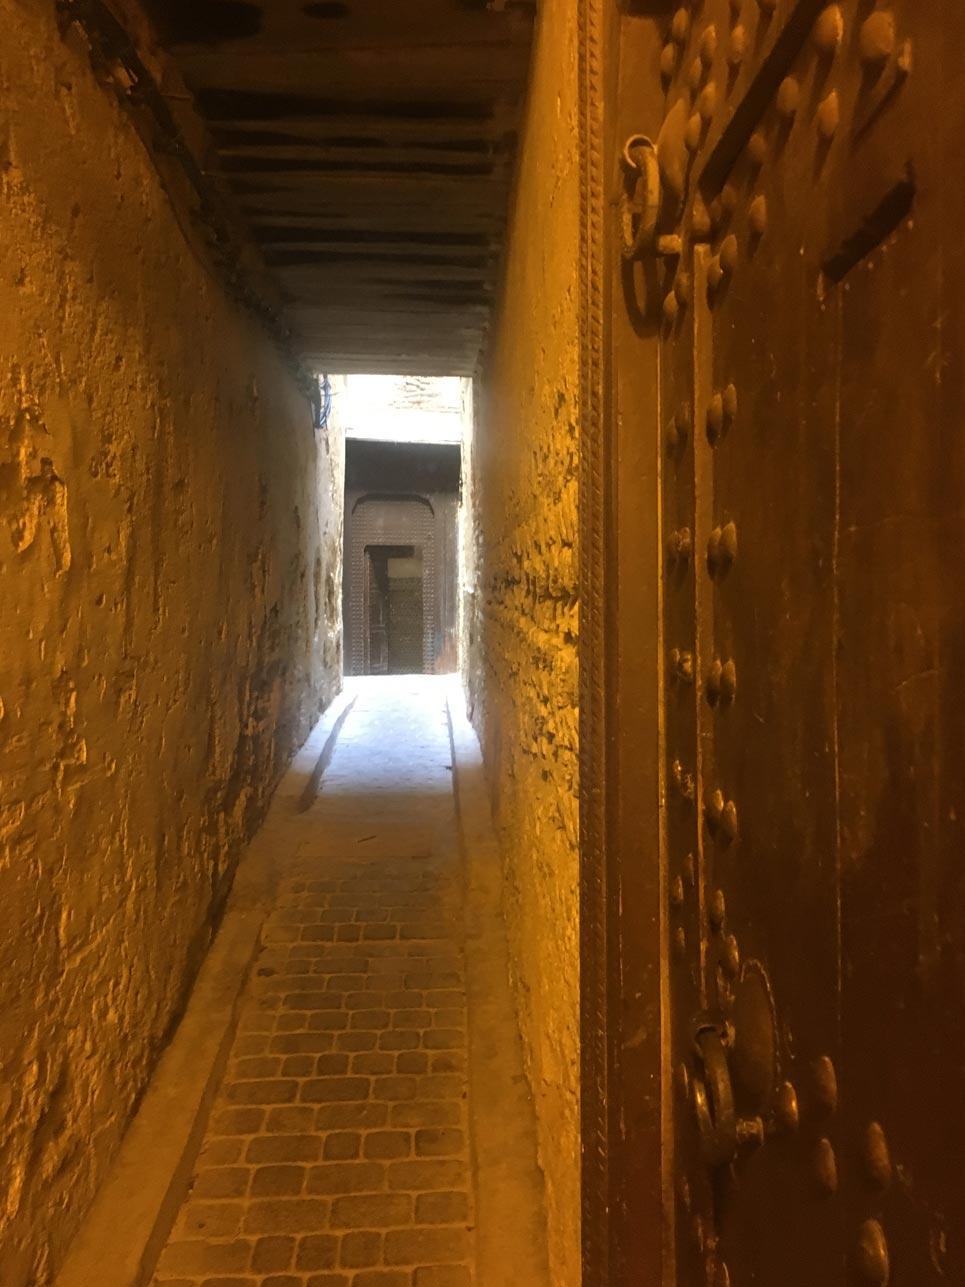 Erkenntnis des Tages: Fes ist wunderbar um sich stundenlang zu verirren und verwinkelte Gassen zu entdecken – ein wahres Labyrinth!